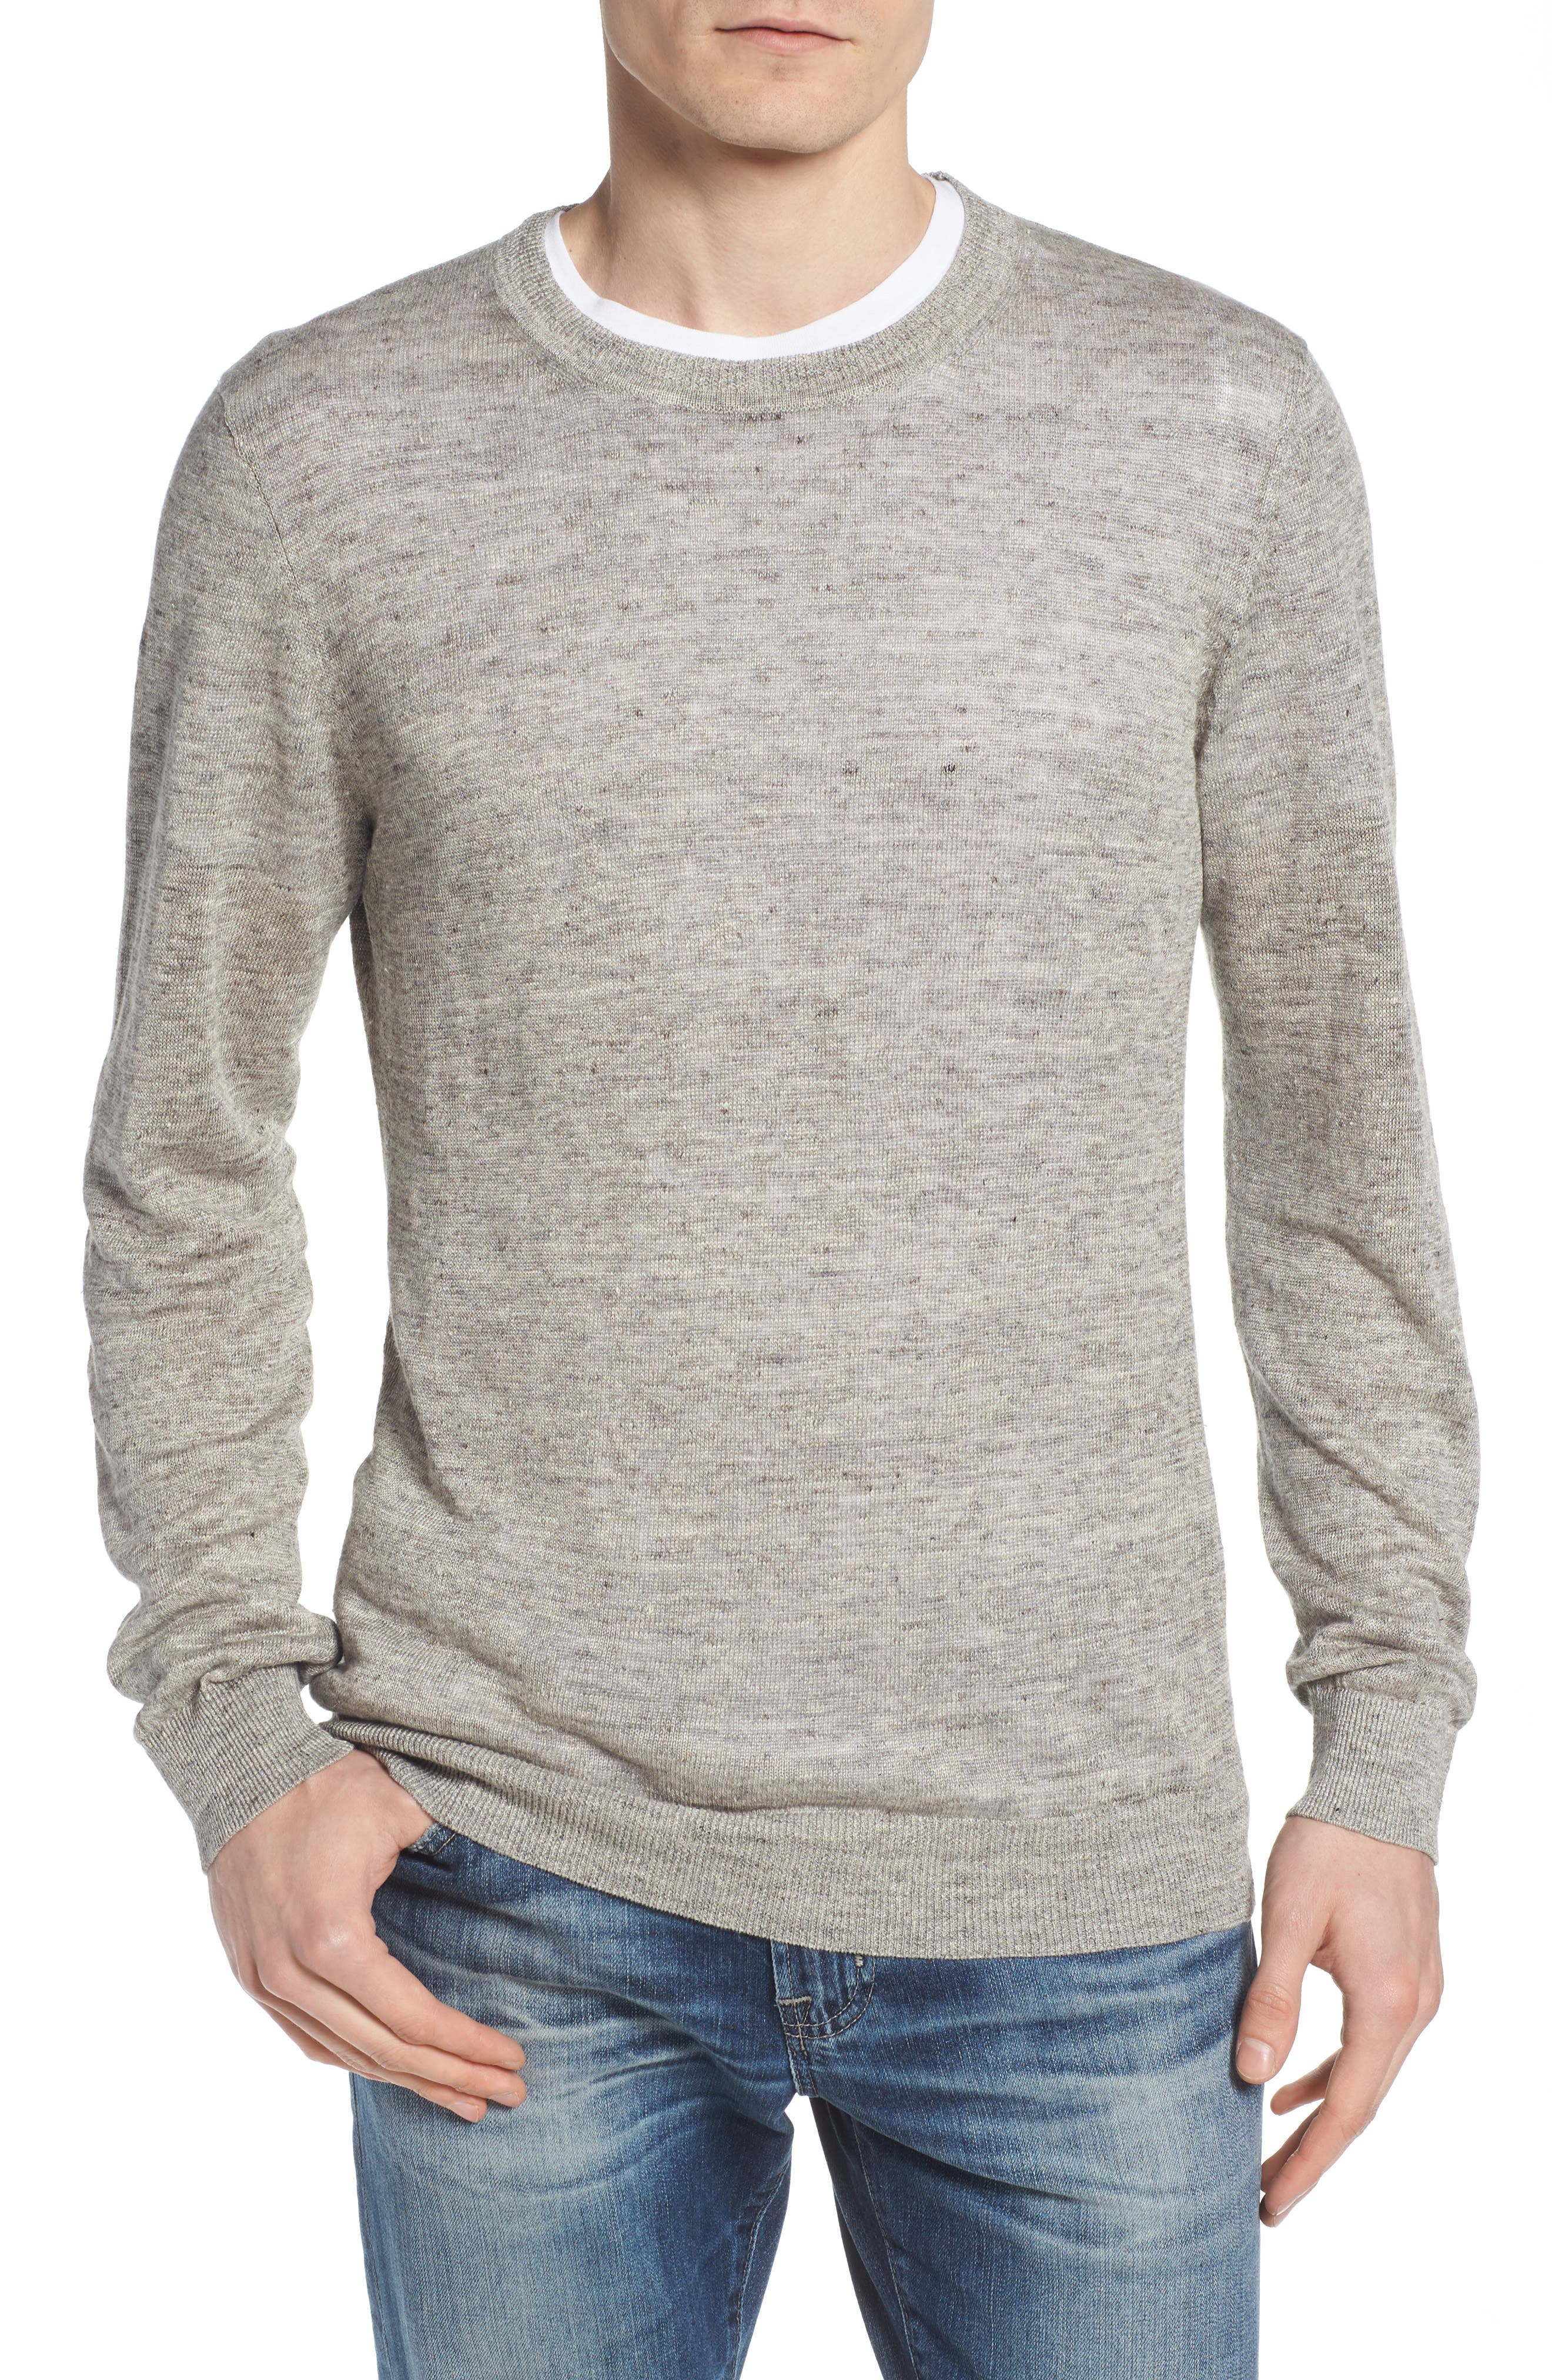 Heyward Long Sleeve T-Shirt,                             Main thumbnail 1, color,                             022